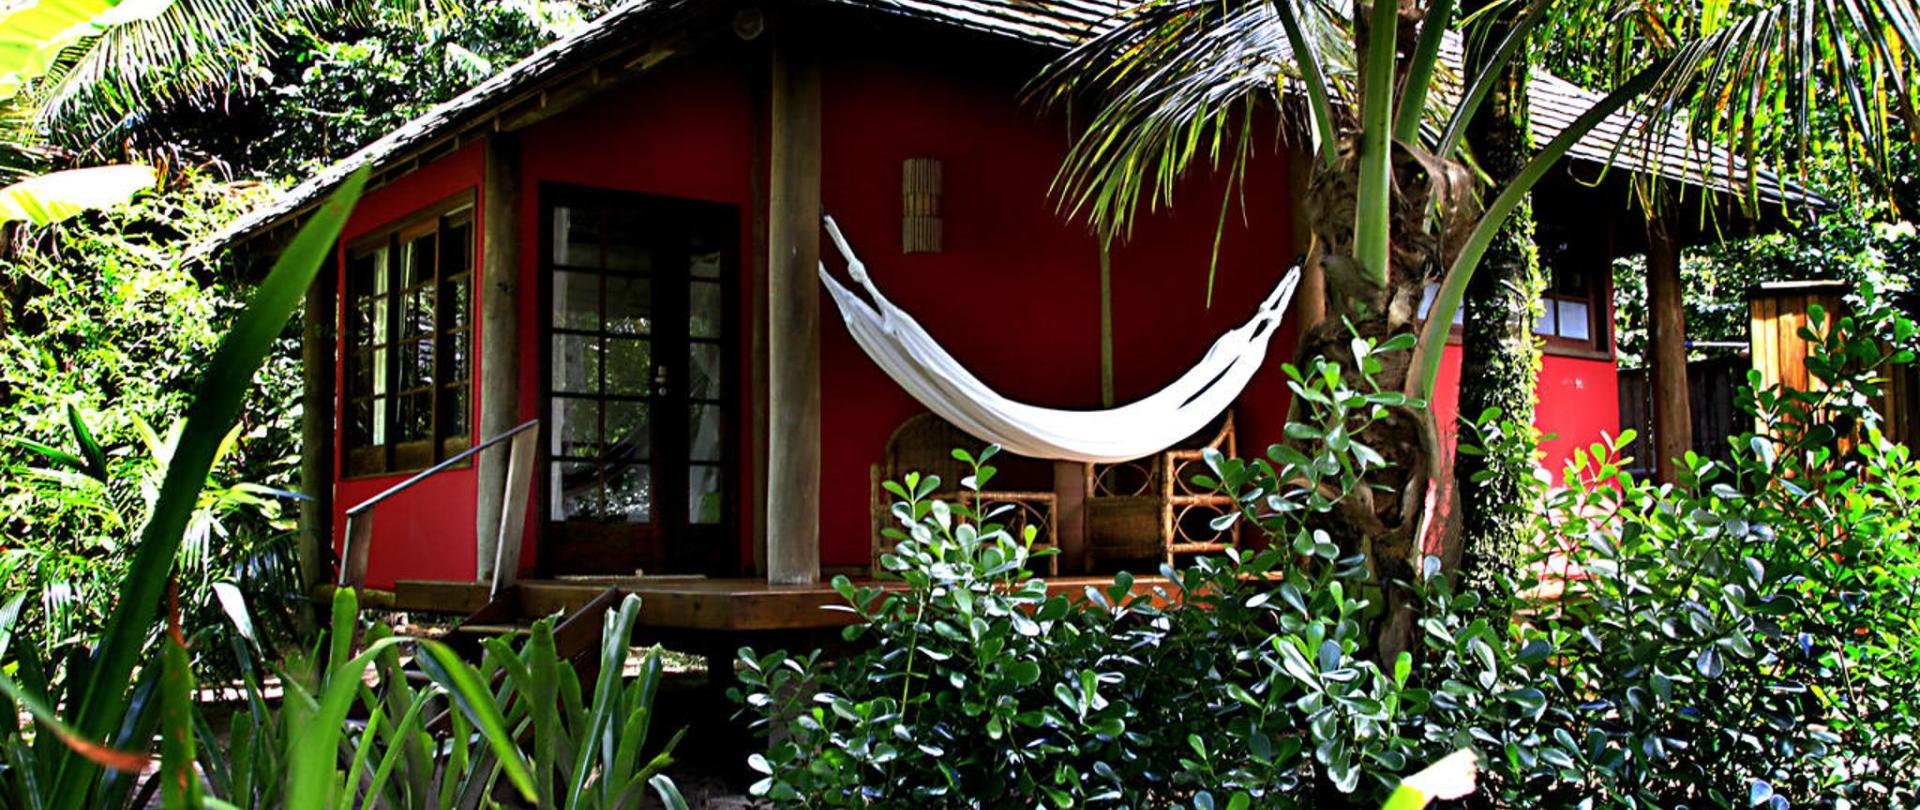 Anima Hotel, Morro de São Paulo, Bahia, Natureza, Praia Deserta.jpg